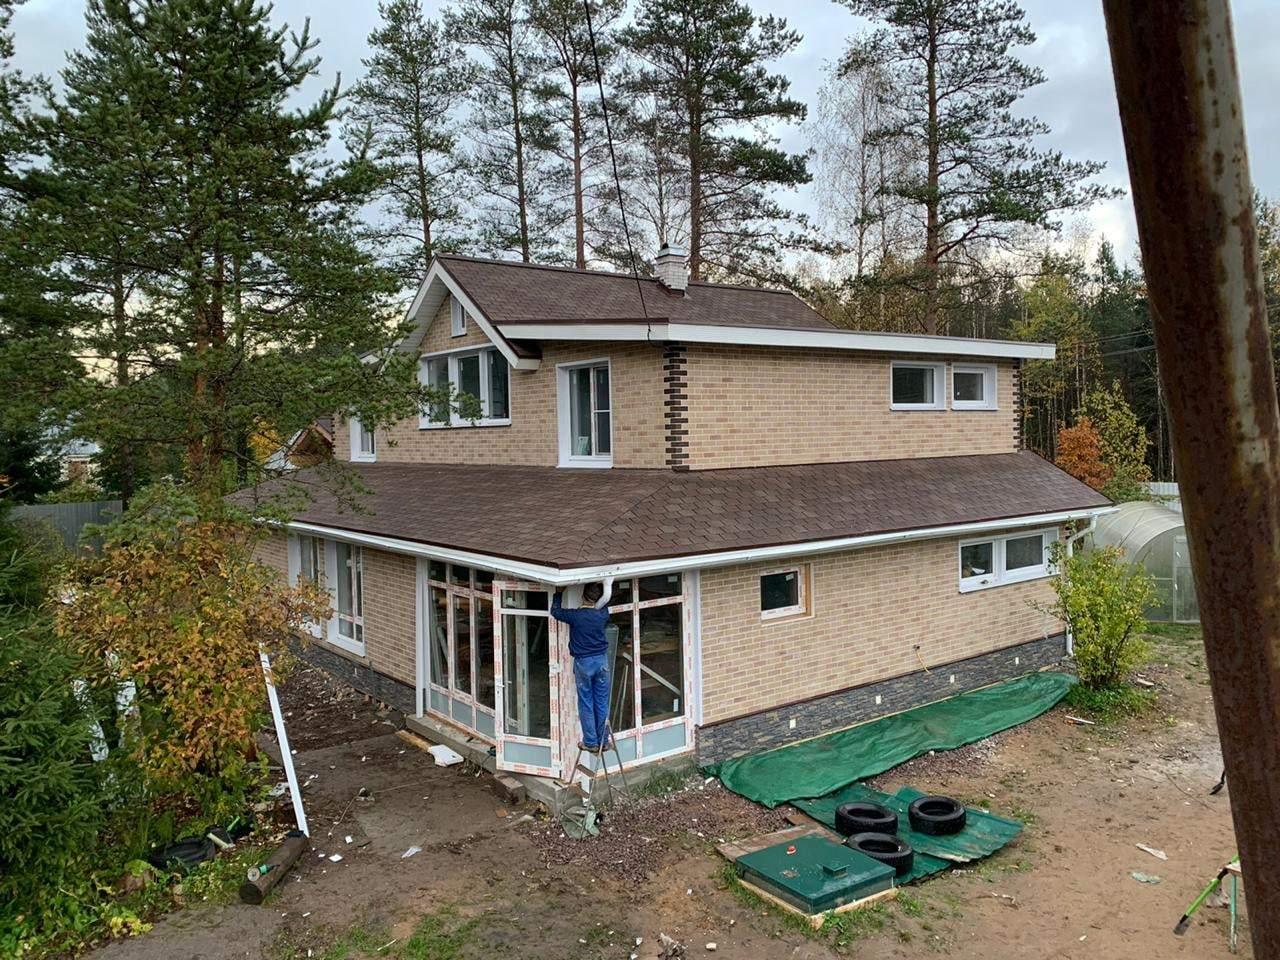 Строительство домов и коттеджей. Реконструкция крыши и фасада